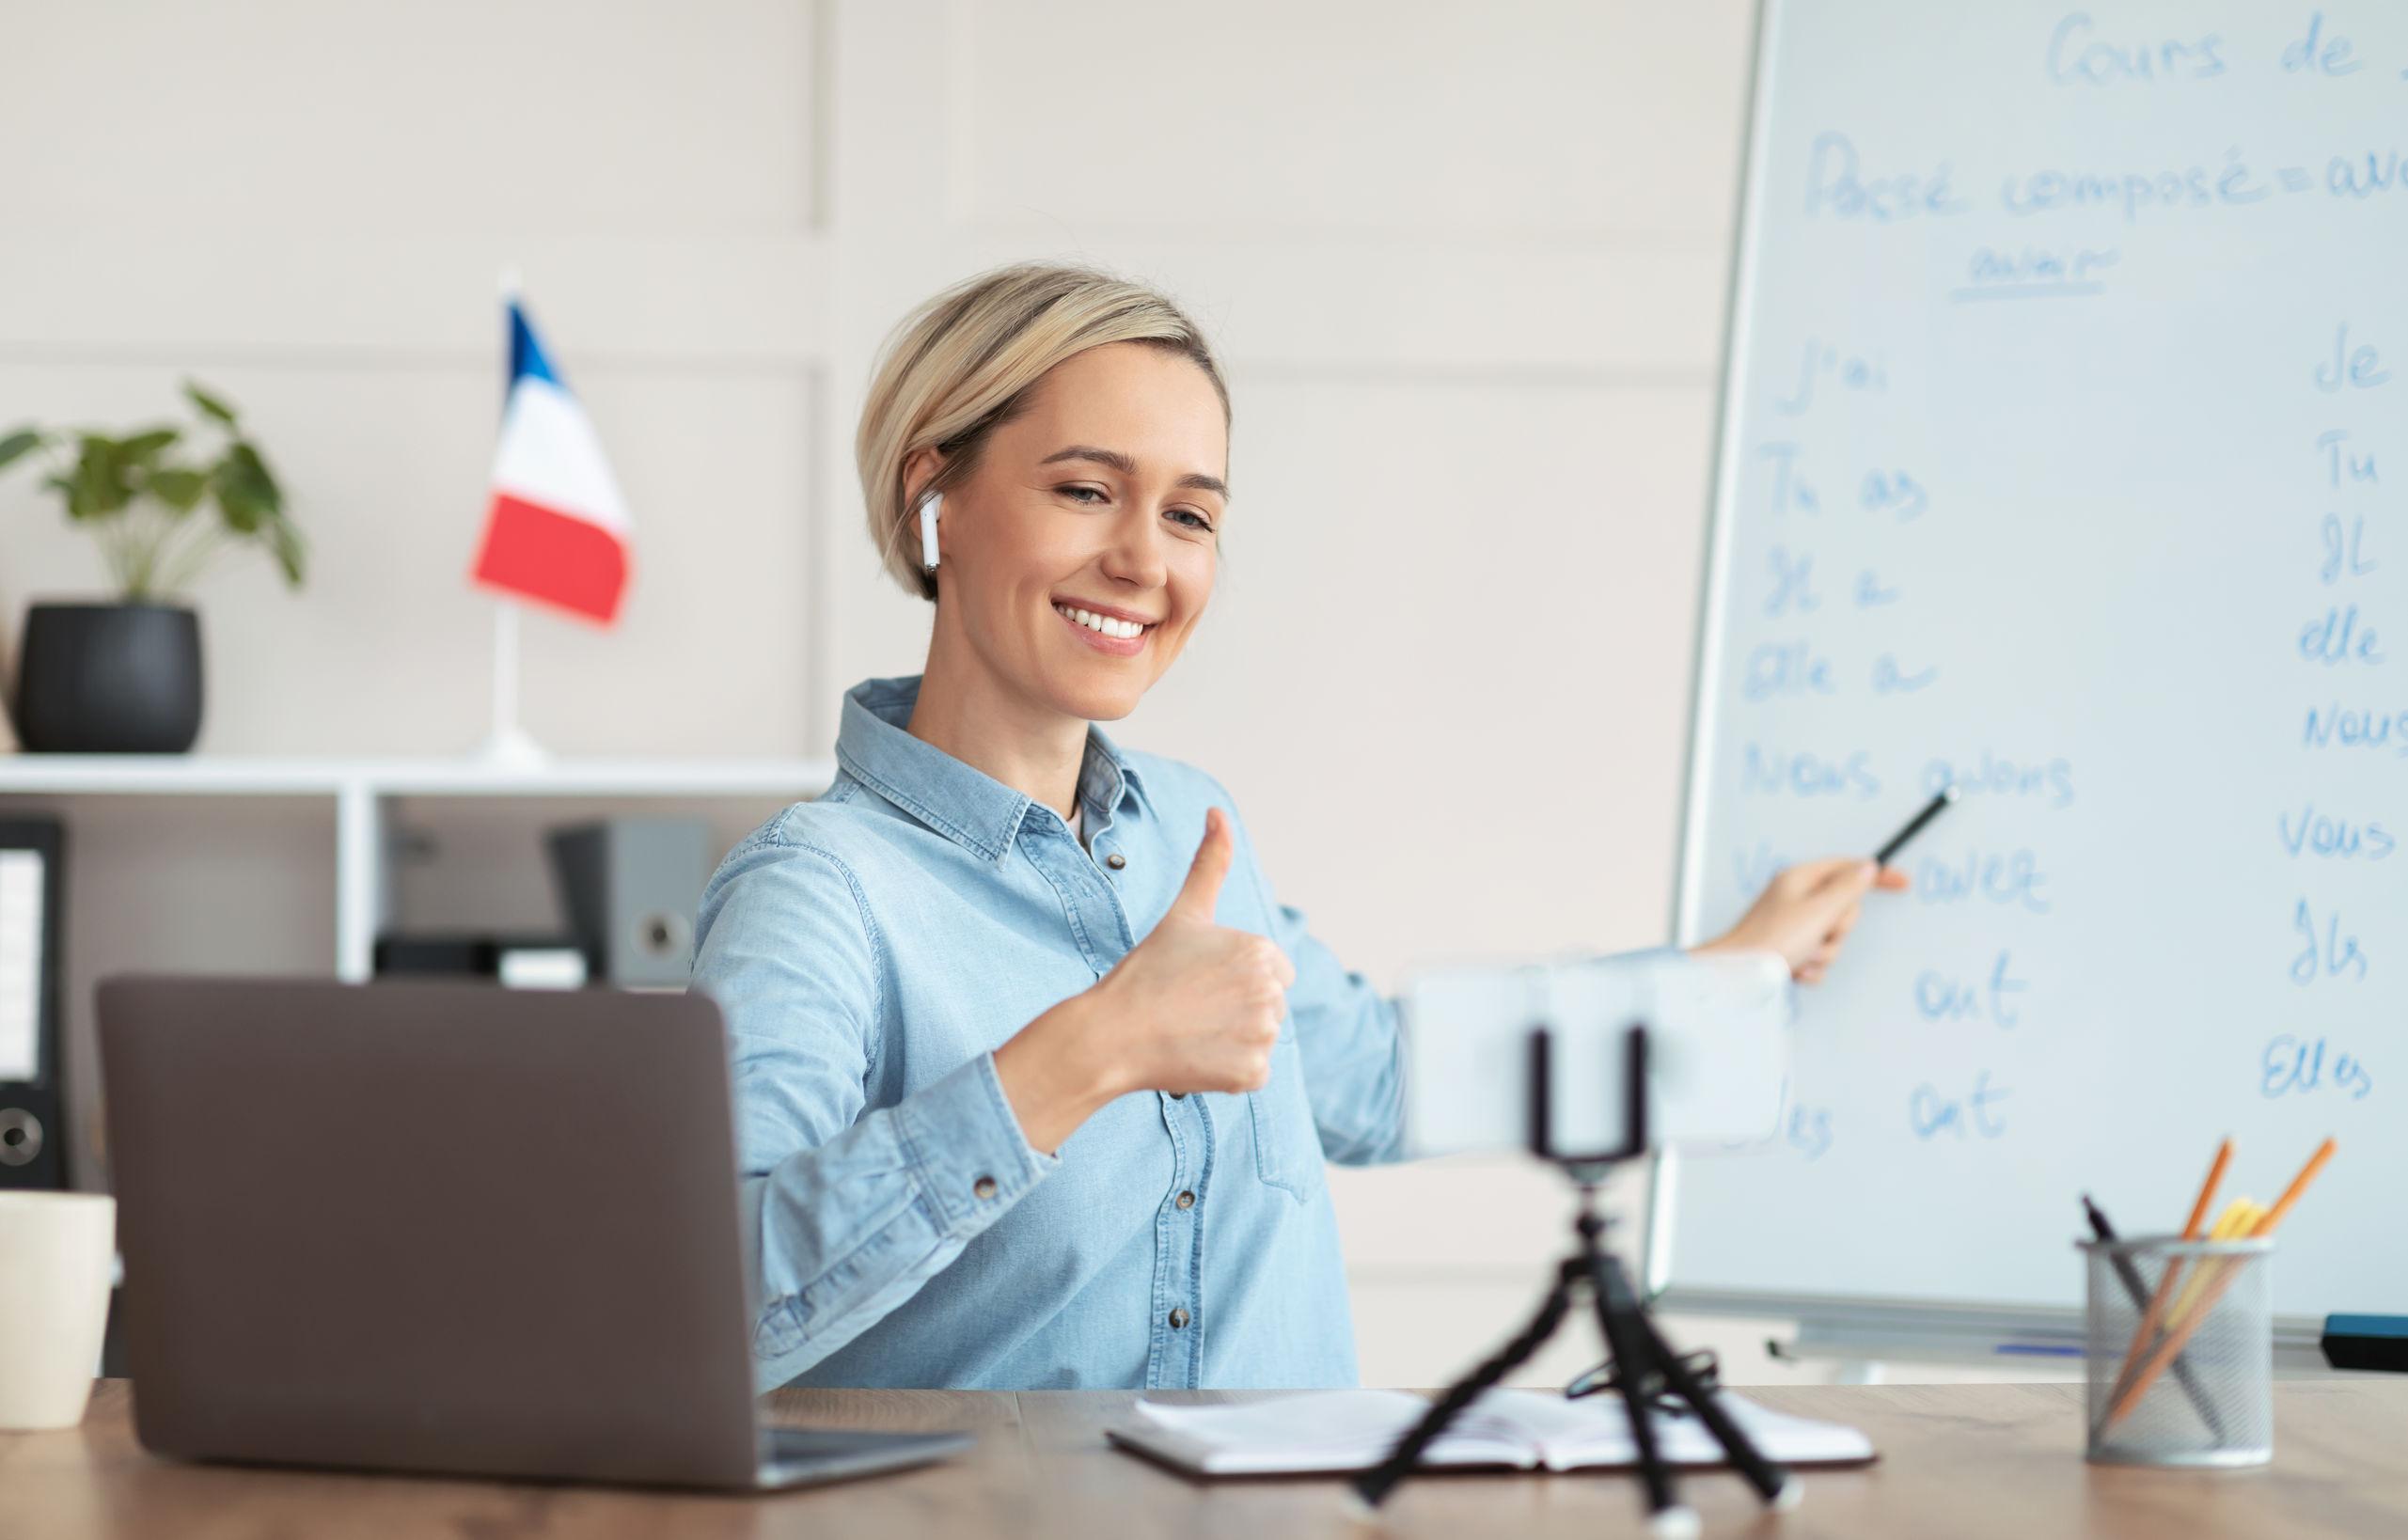 Professora do curso de francês tirando dúvidas on-line.